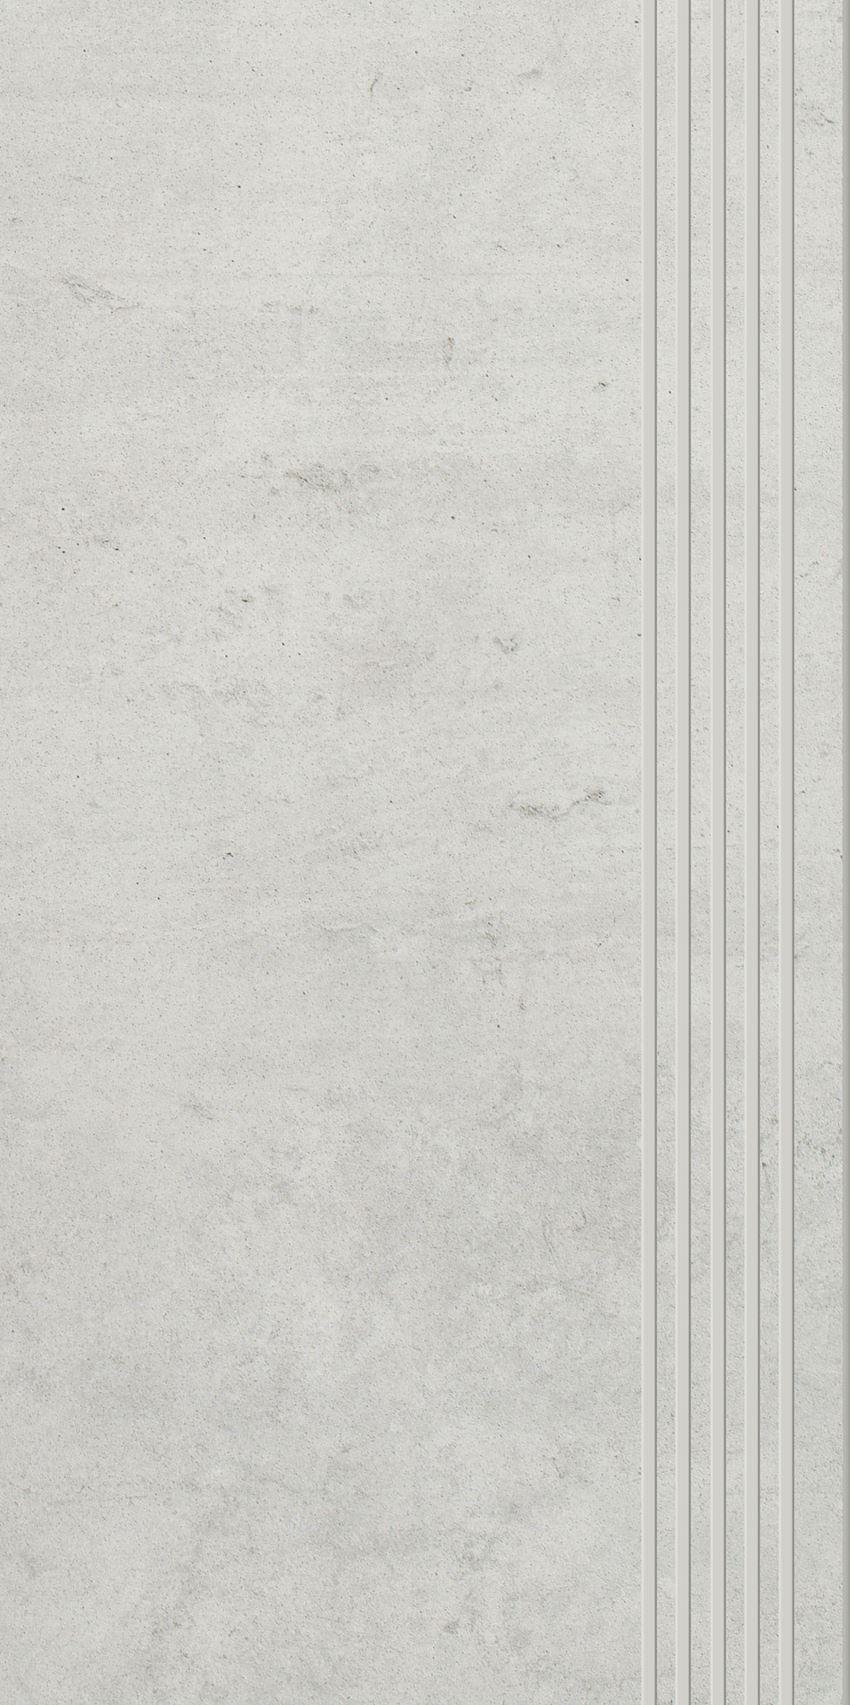 Płytka stopnicowa 29,8x59,8 cm Paradyż Scratch Bianco Stopnica Prosta Nacinana Półpoler